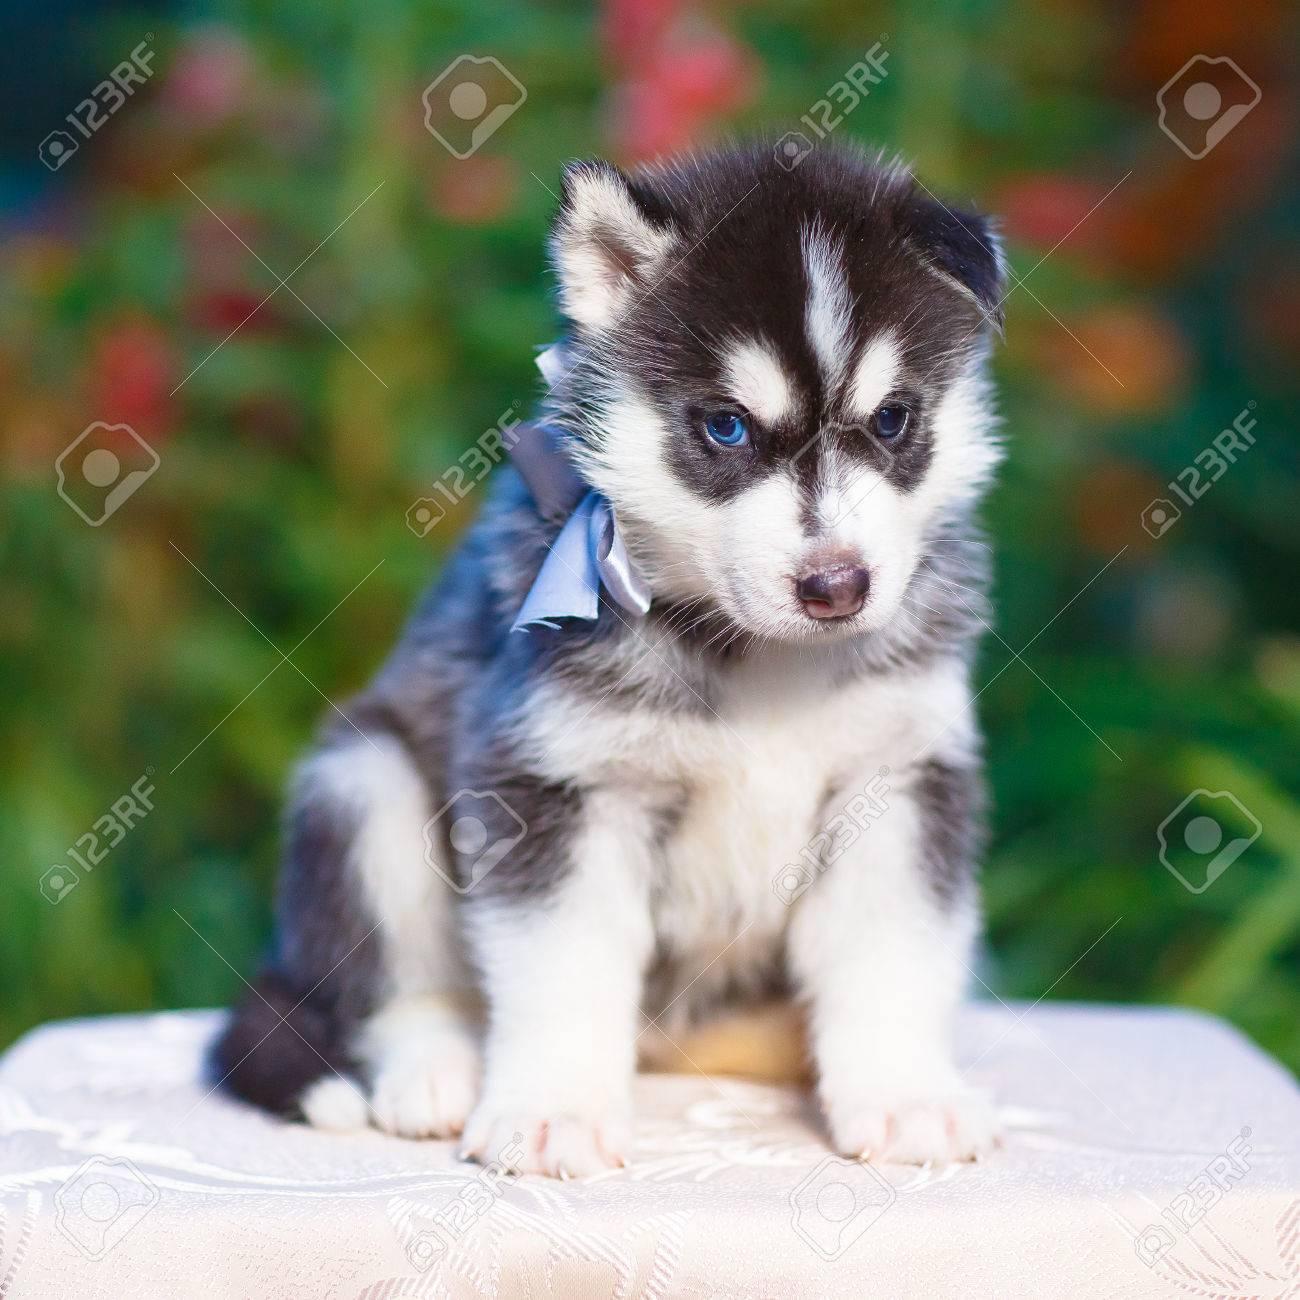 子犬 シベリアン ハスキー シベリアンハスキーの子犬、どう育てたらいい?ごはんの量や散歩・シャンプーなど基本の育て方|docdog(ドックドッグ)